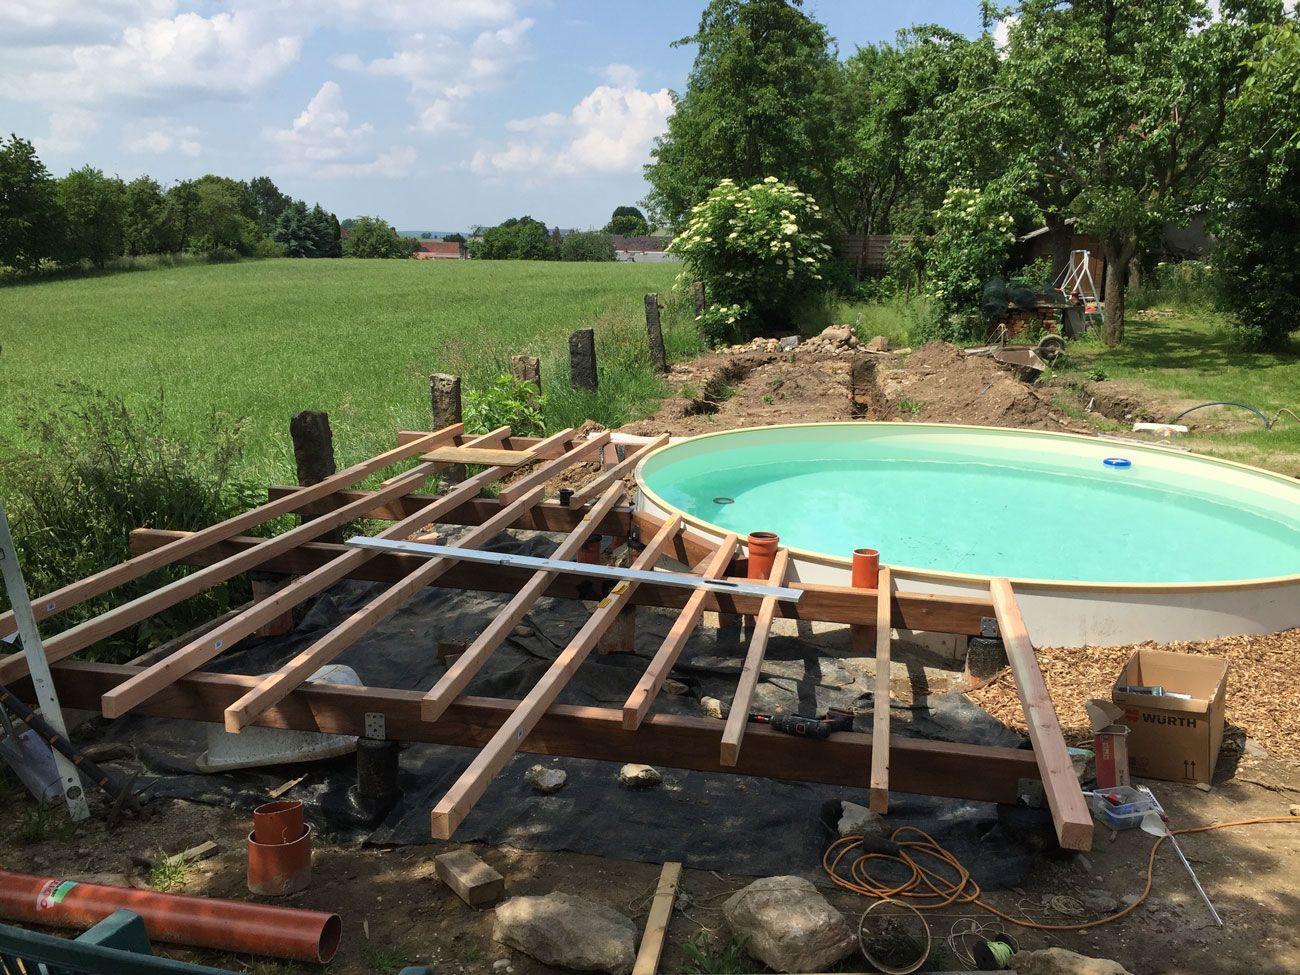 unterbauholzterrassepoolhalbrund Pool selber bauen